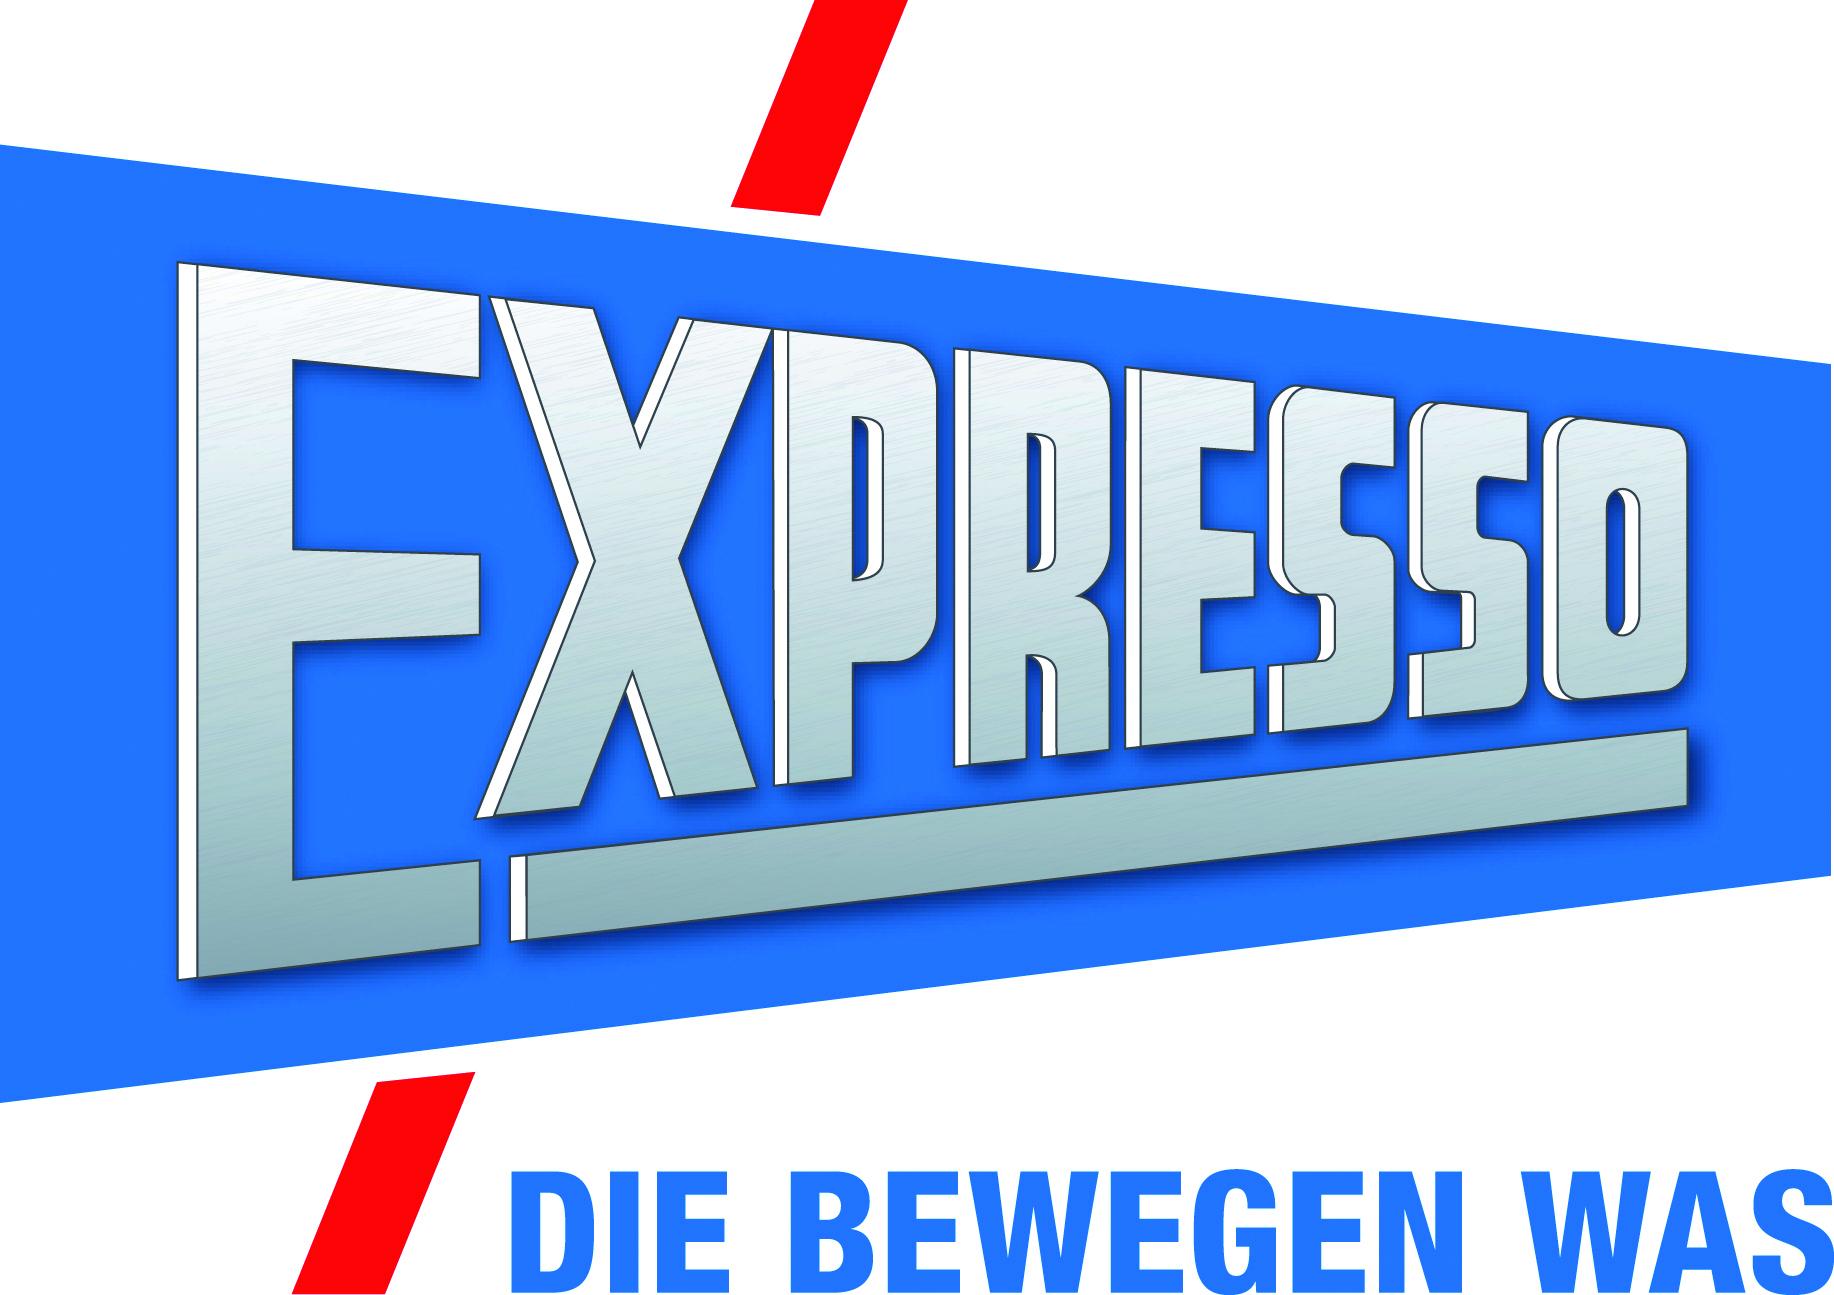 Expresso Deutschland GmbH